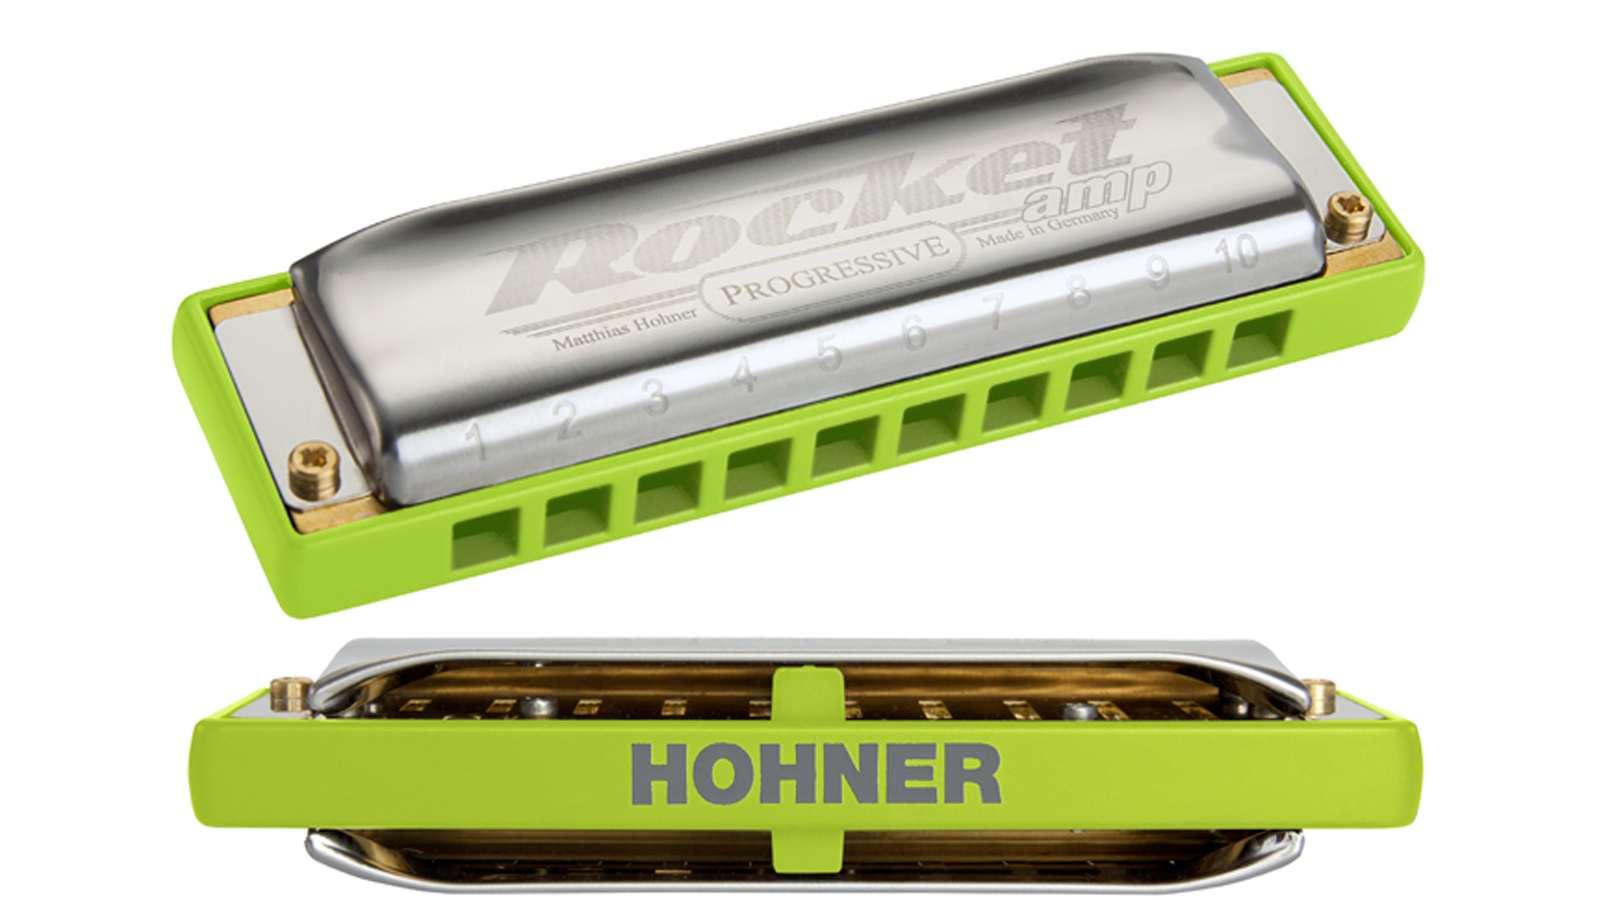 Hohner Rocket-Amp D-Dur Mundharmonika